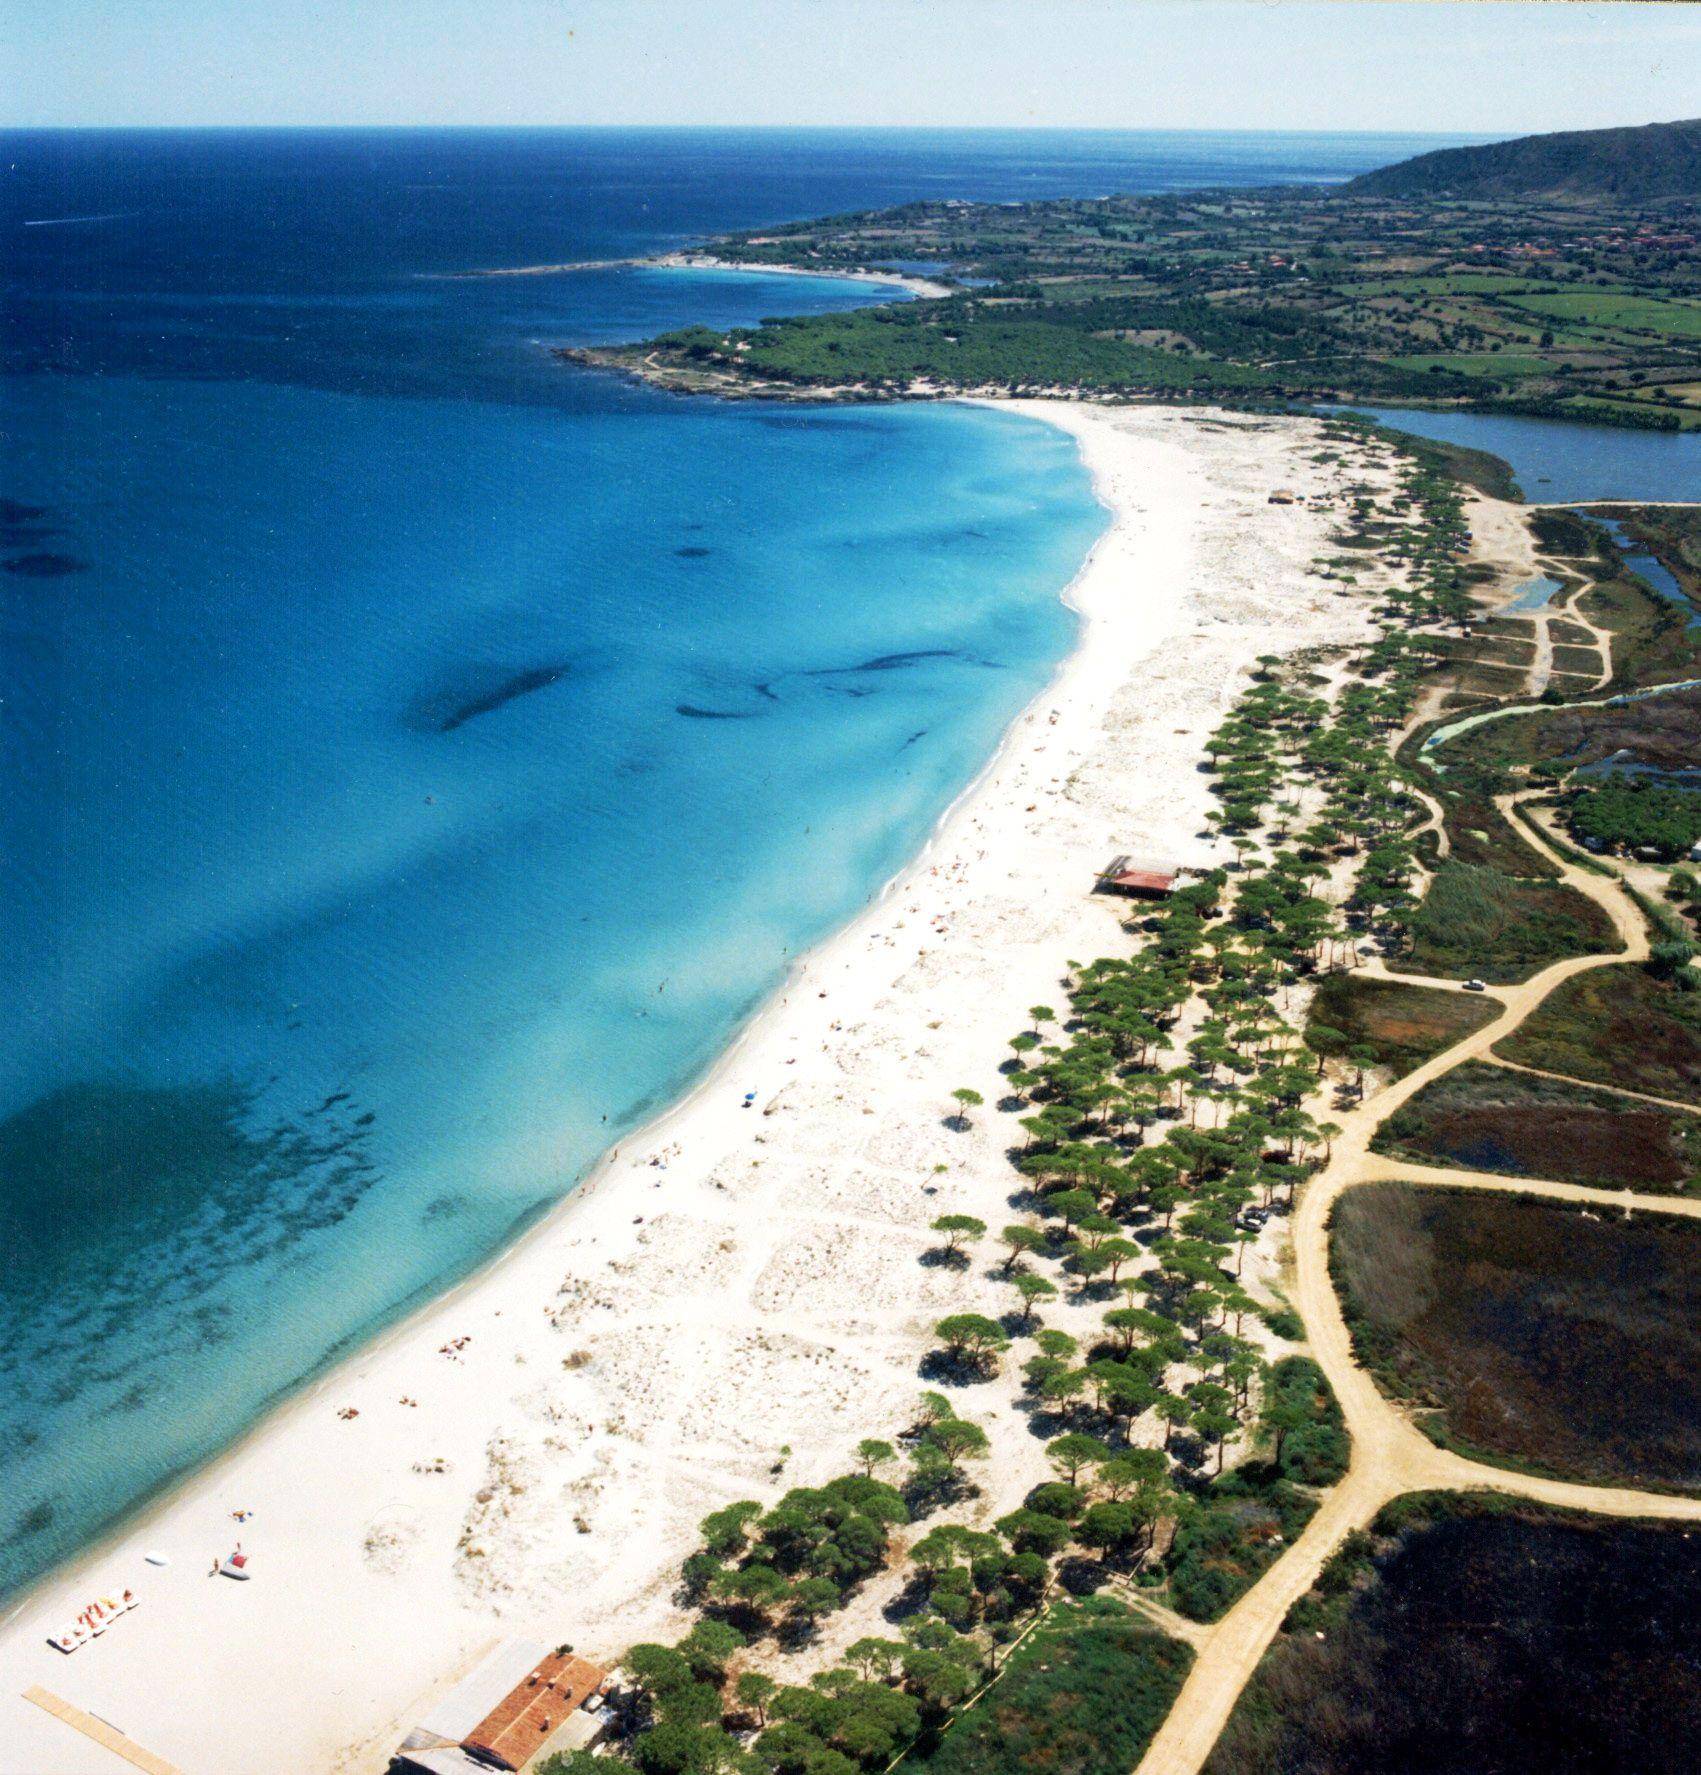 sardegna budoni foto aerea della spiaggia budoni